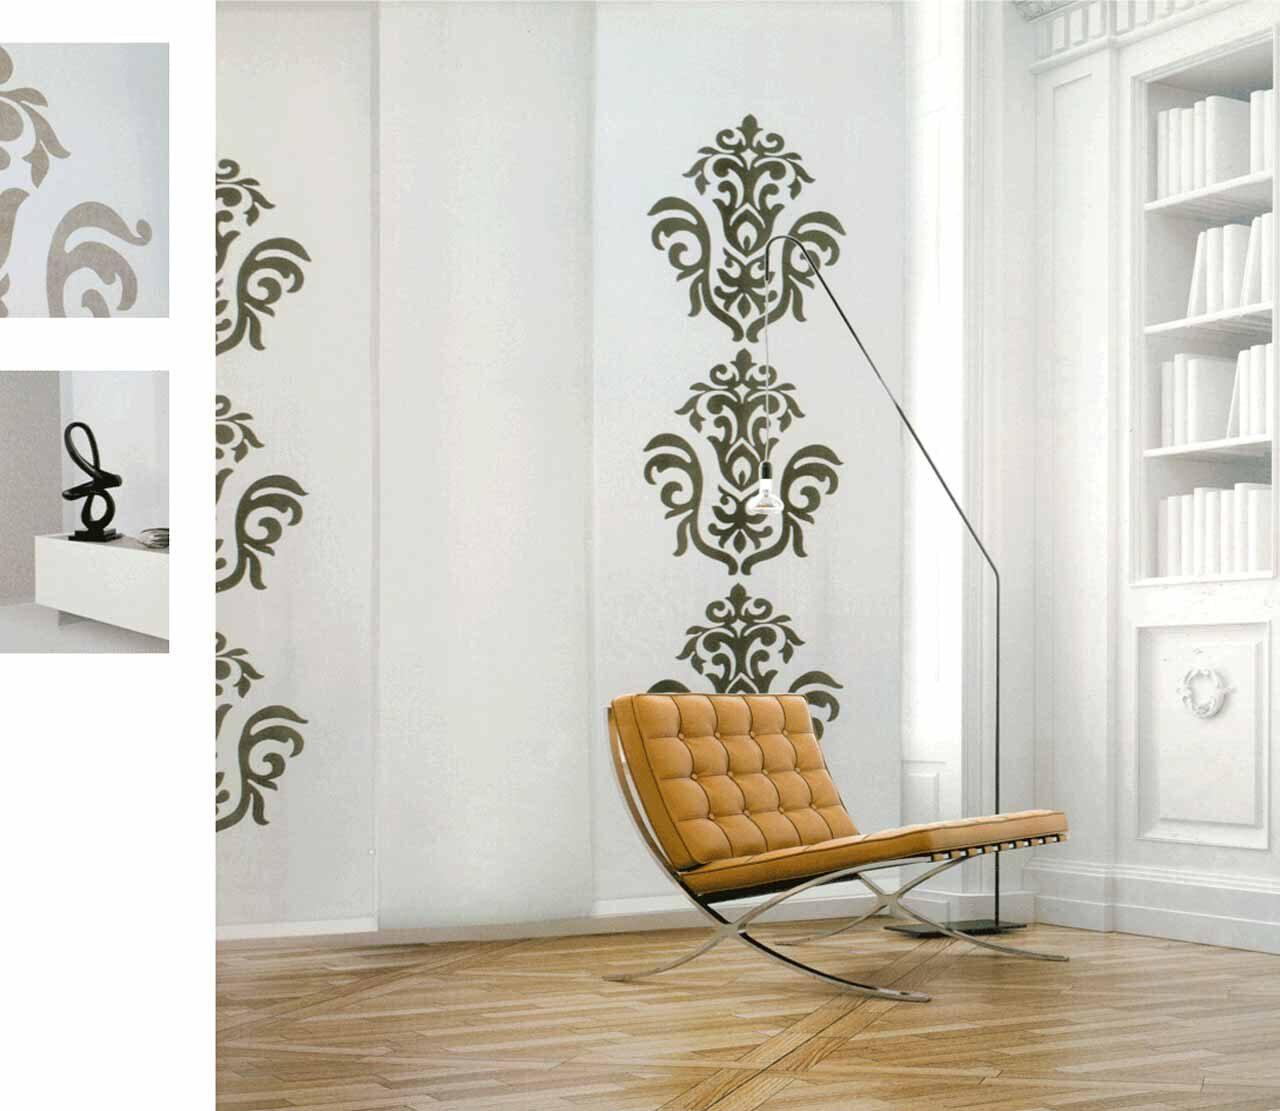 Confezionamento divani,poltrone,letti e testiere,tende da interno,tende da esterno,pergotende in tutta la provincia di frosinone e roma.